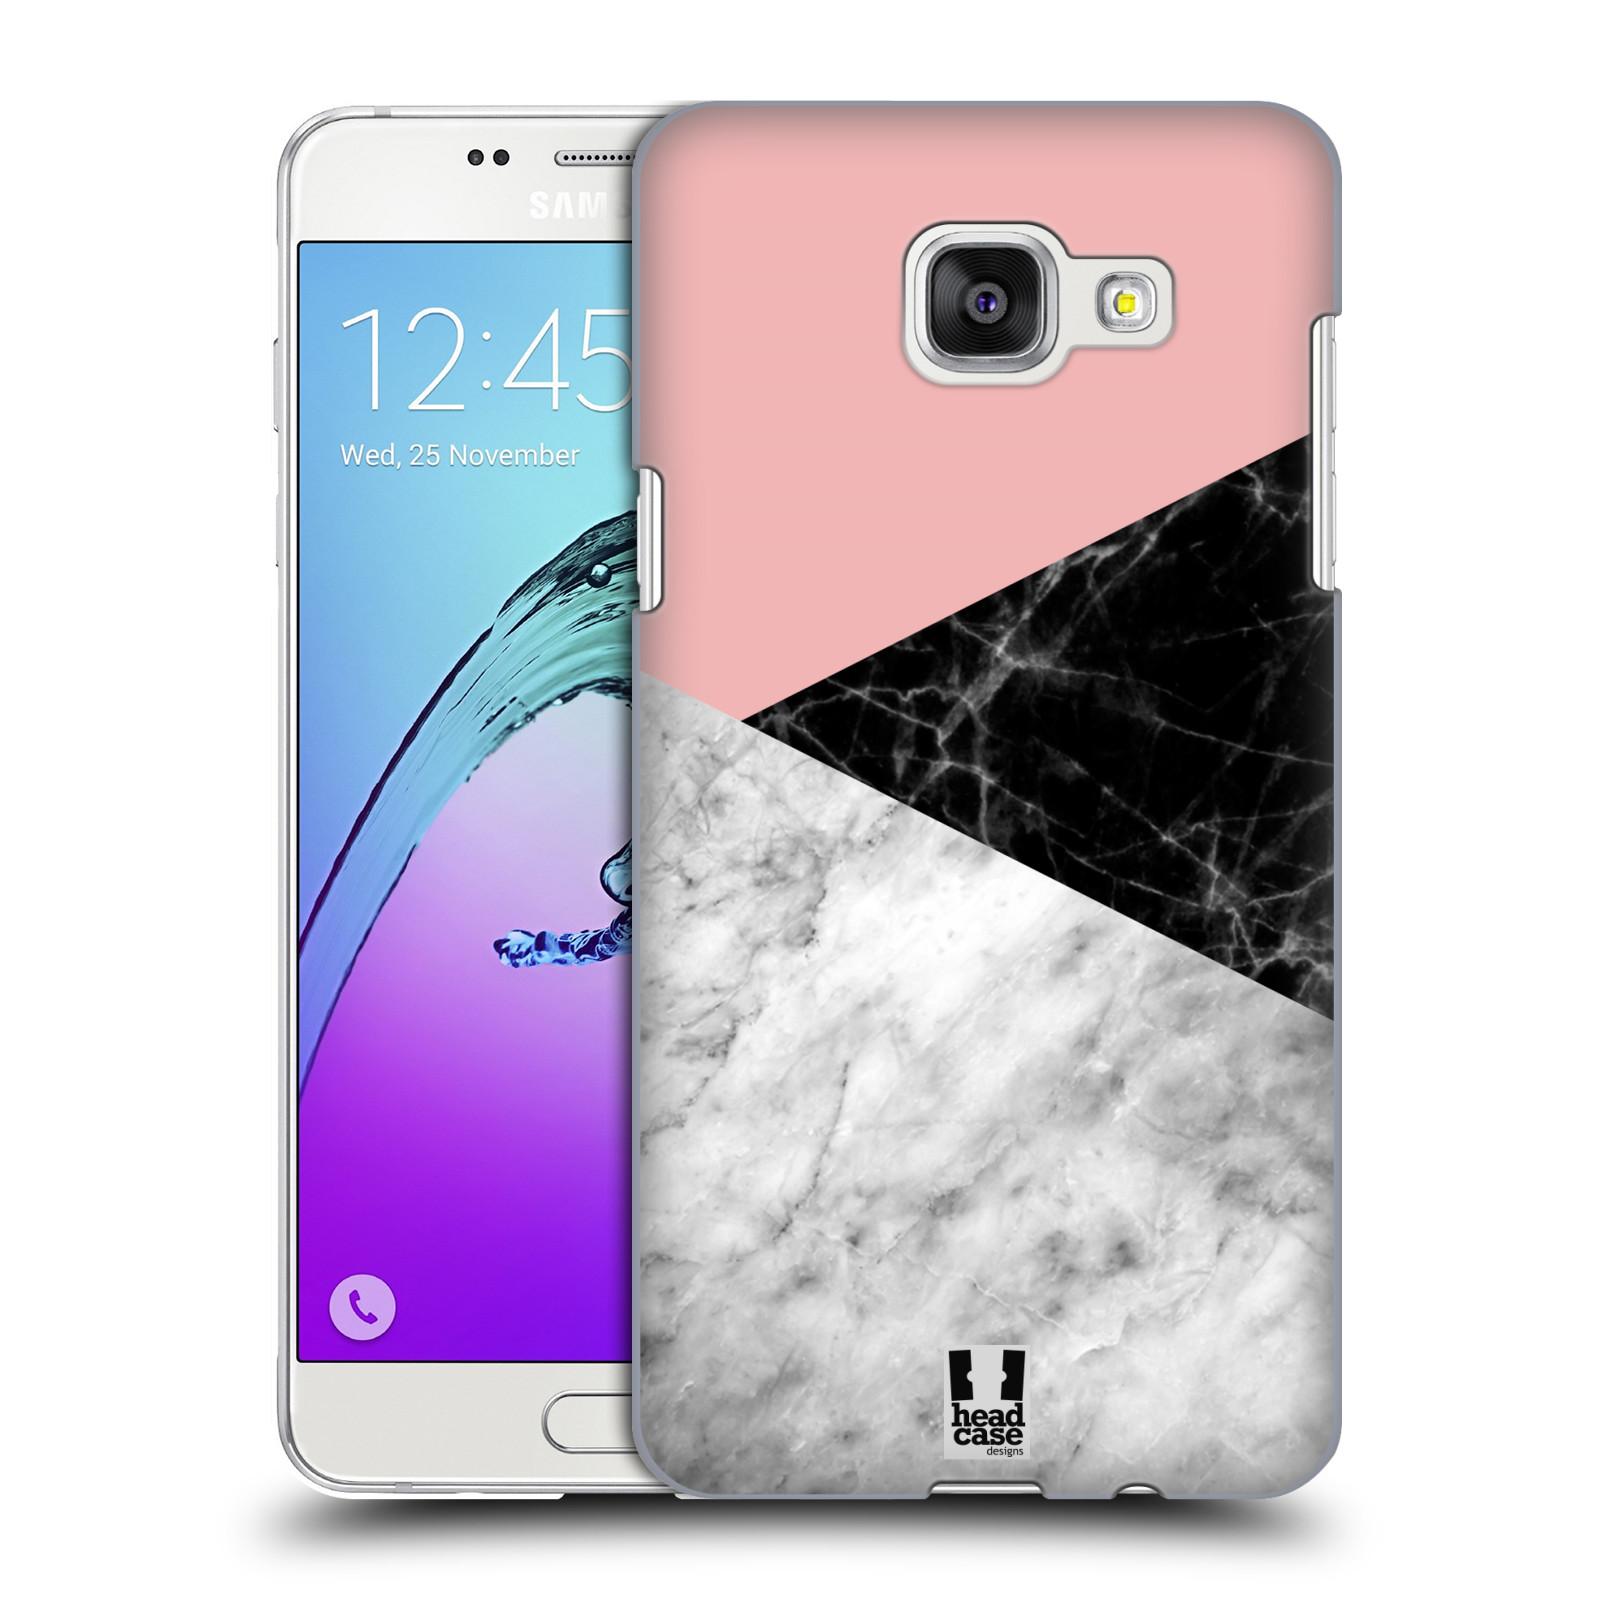 Plastové pouzdro na mobil Samsung Galaxy A5 (2016) - Head Case - Mramor mix